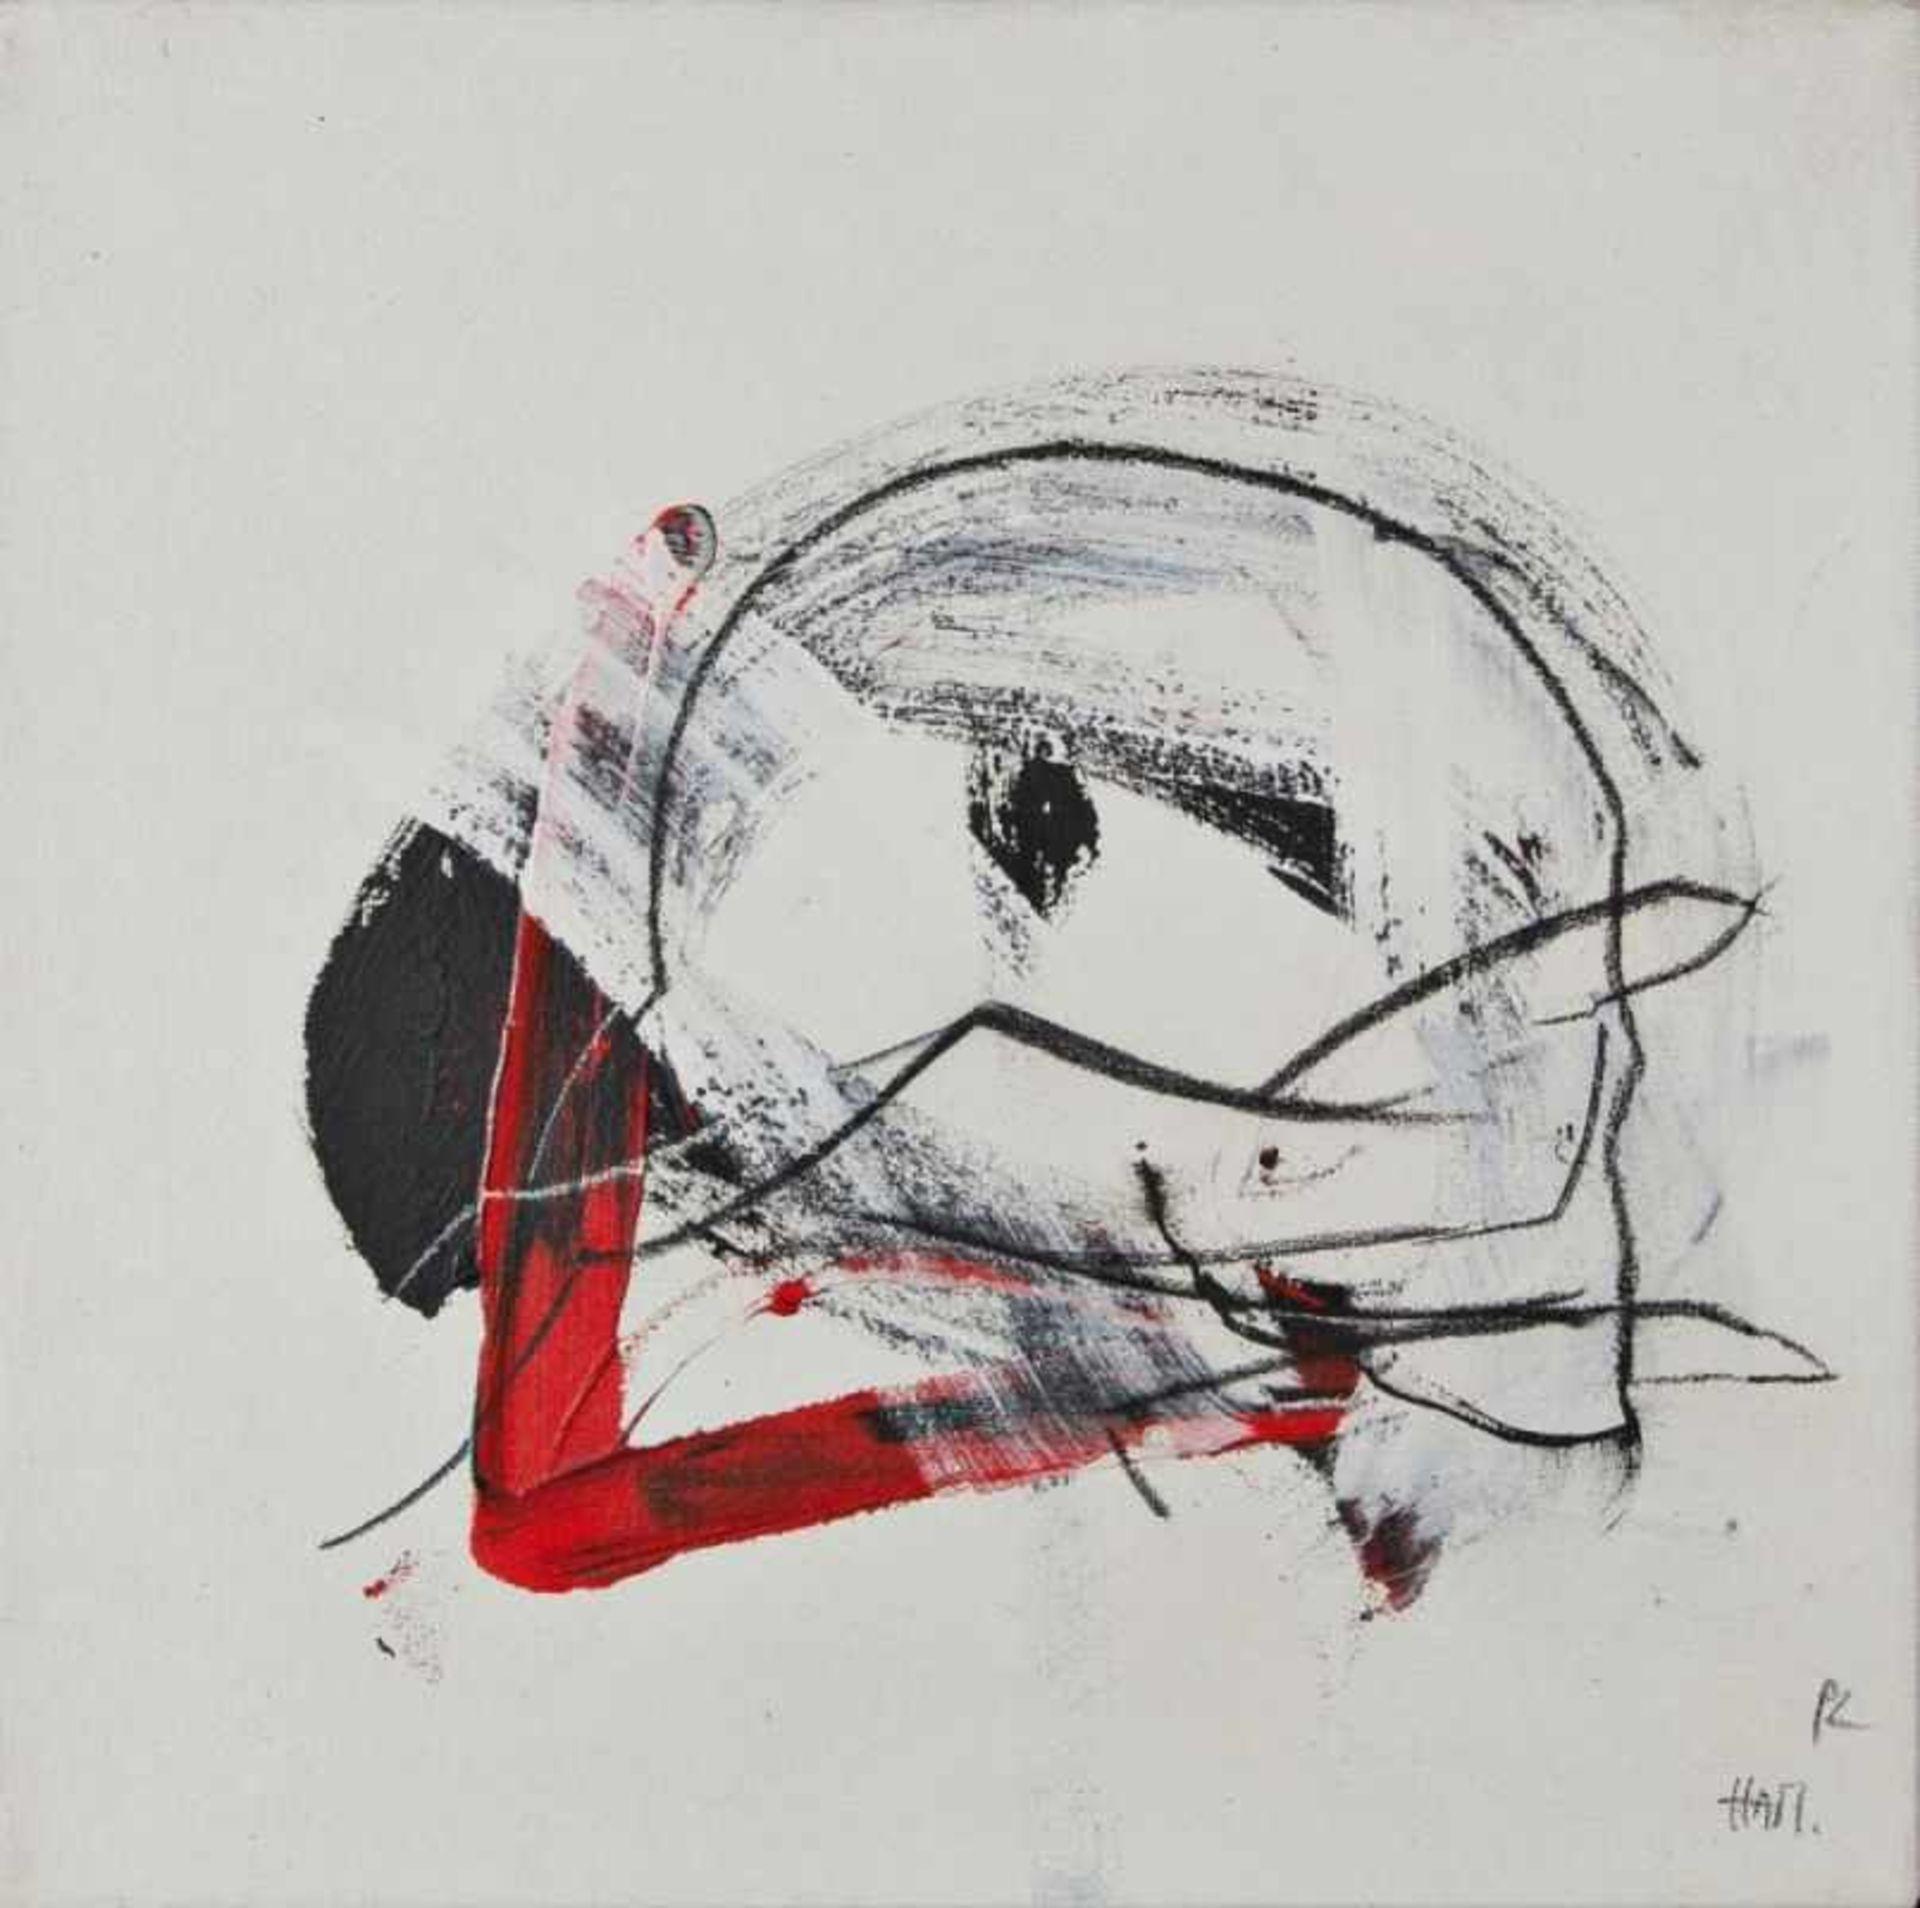 Los 28 - HANNES MLENEK(1949 WR, NEUSTADT)o. T., 1992Acryl auf Leinwand, 47 x 47 cmMonogrammiert vorne